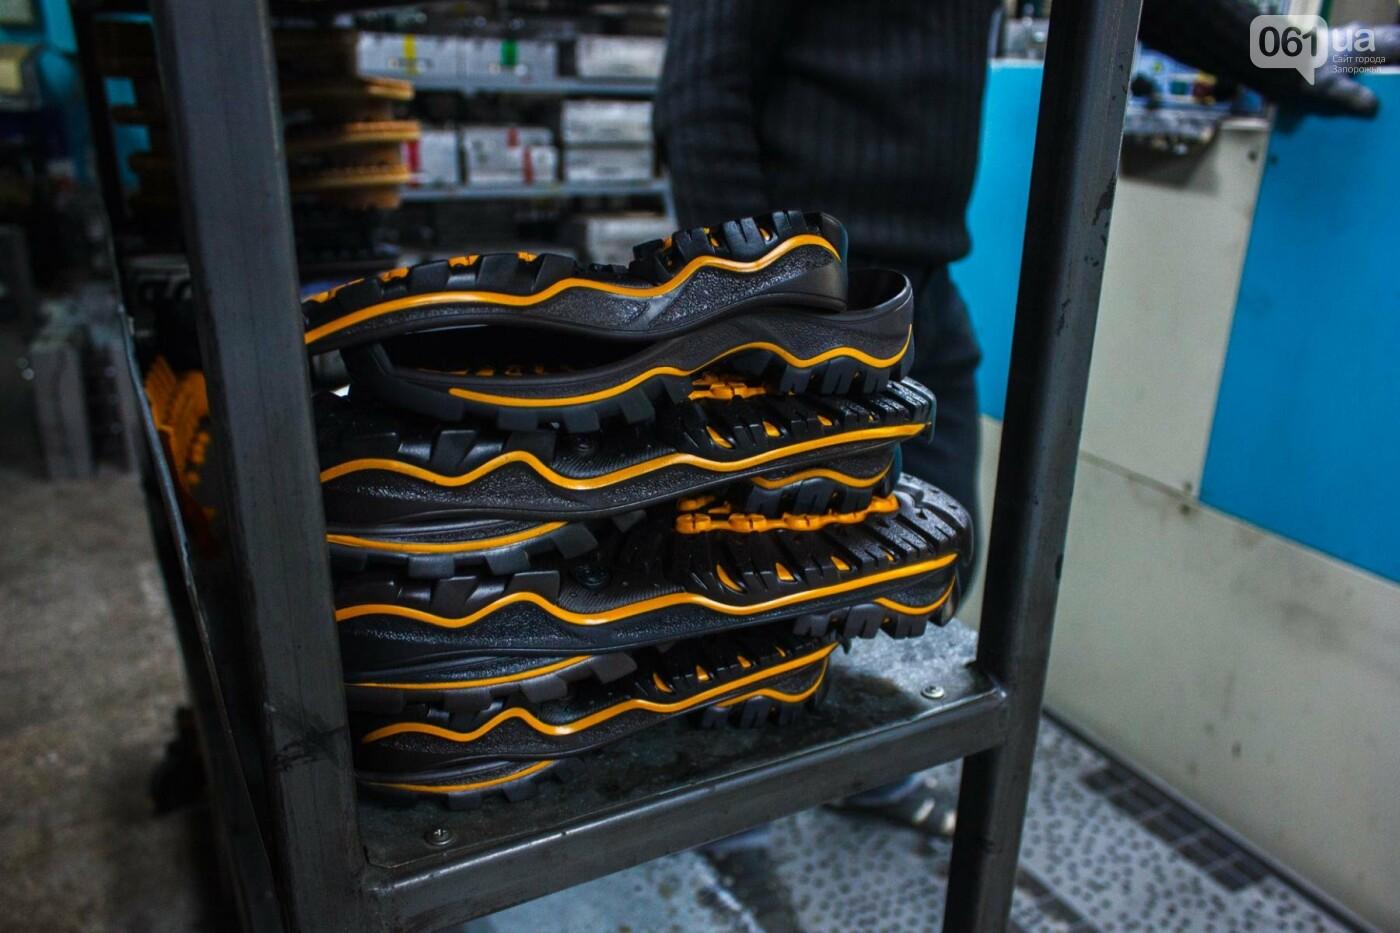 Как создается обувь: экскурсия на запорожскую обувную фабрику, – ФОТОРЕПОРТАЖ, фото-25